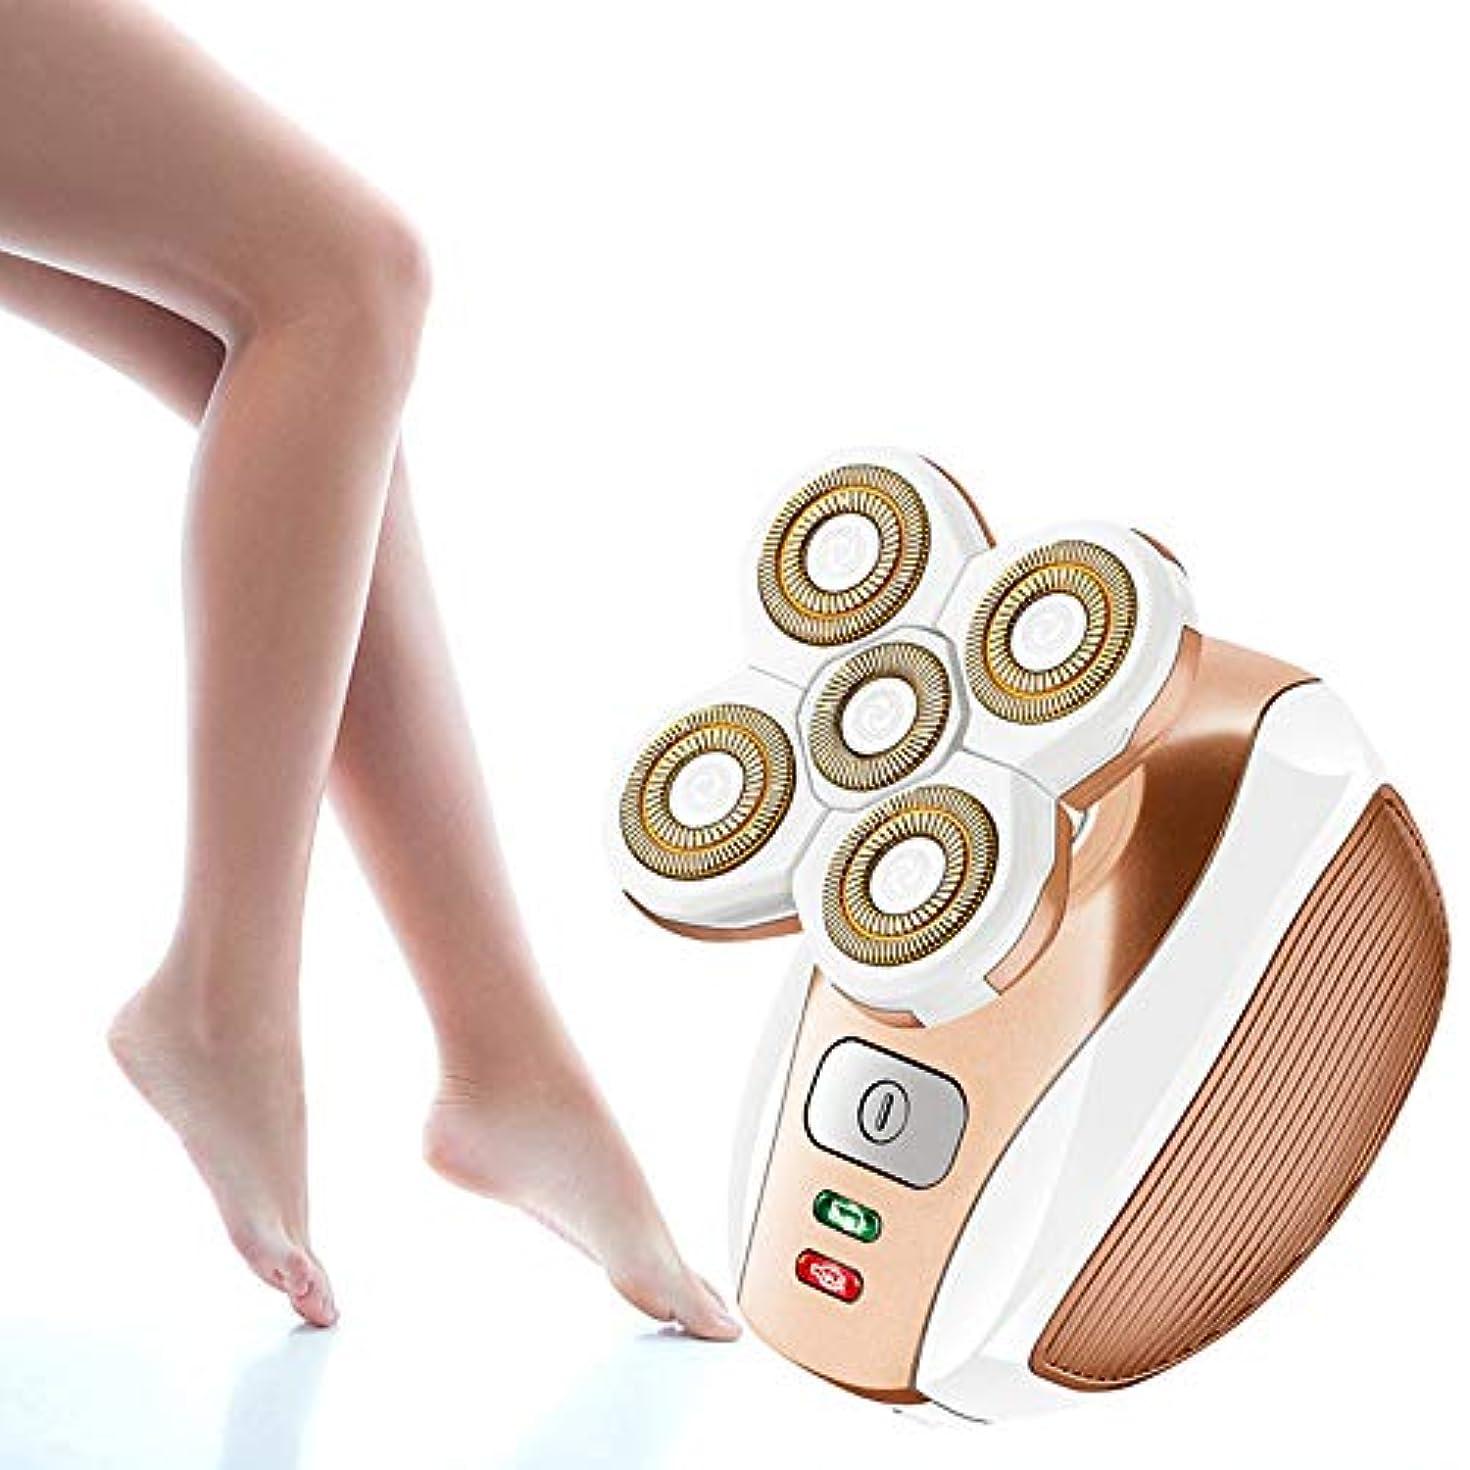 女性の痛みのない電気かみそり脱毛、女性の脚、顔の唇、ビキニエリア、充電可能、掃除が簡単な女性用のコードレスシェーバー